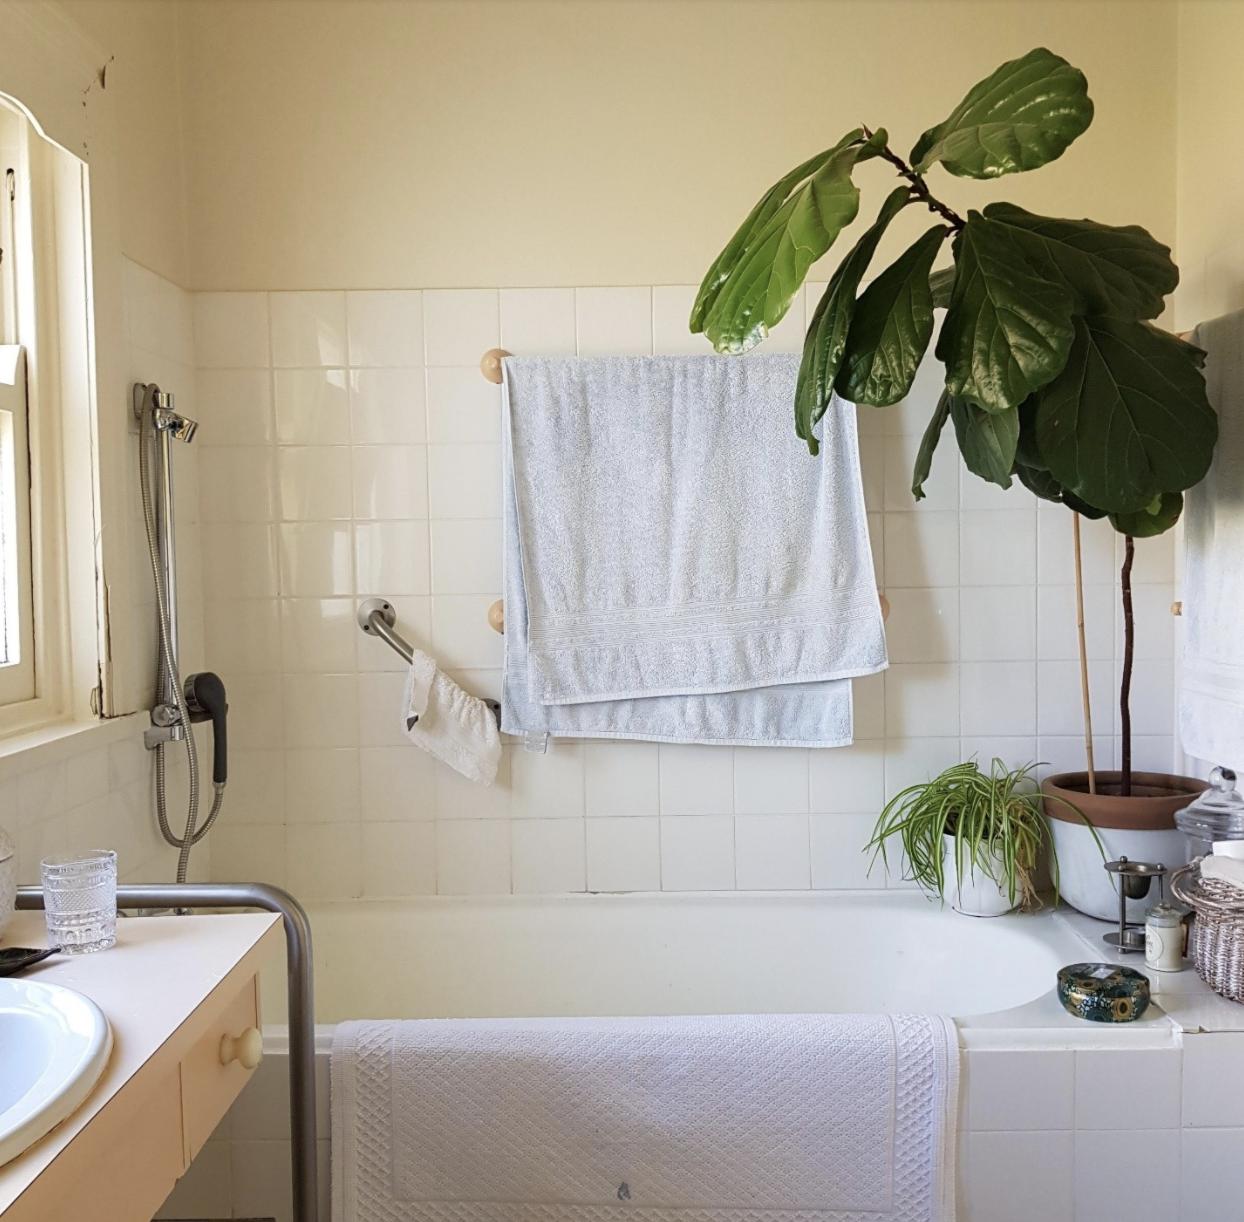 1930s heritage home bathroom before renovation bathtub fiddle leaf fig tree